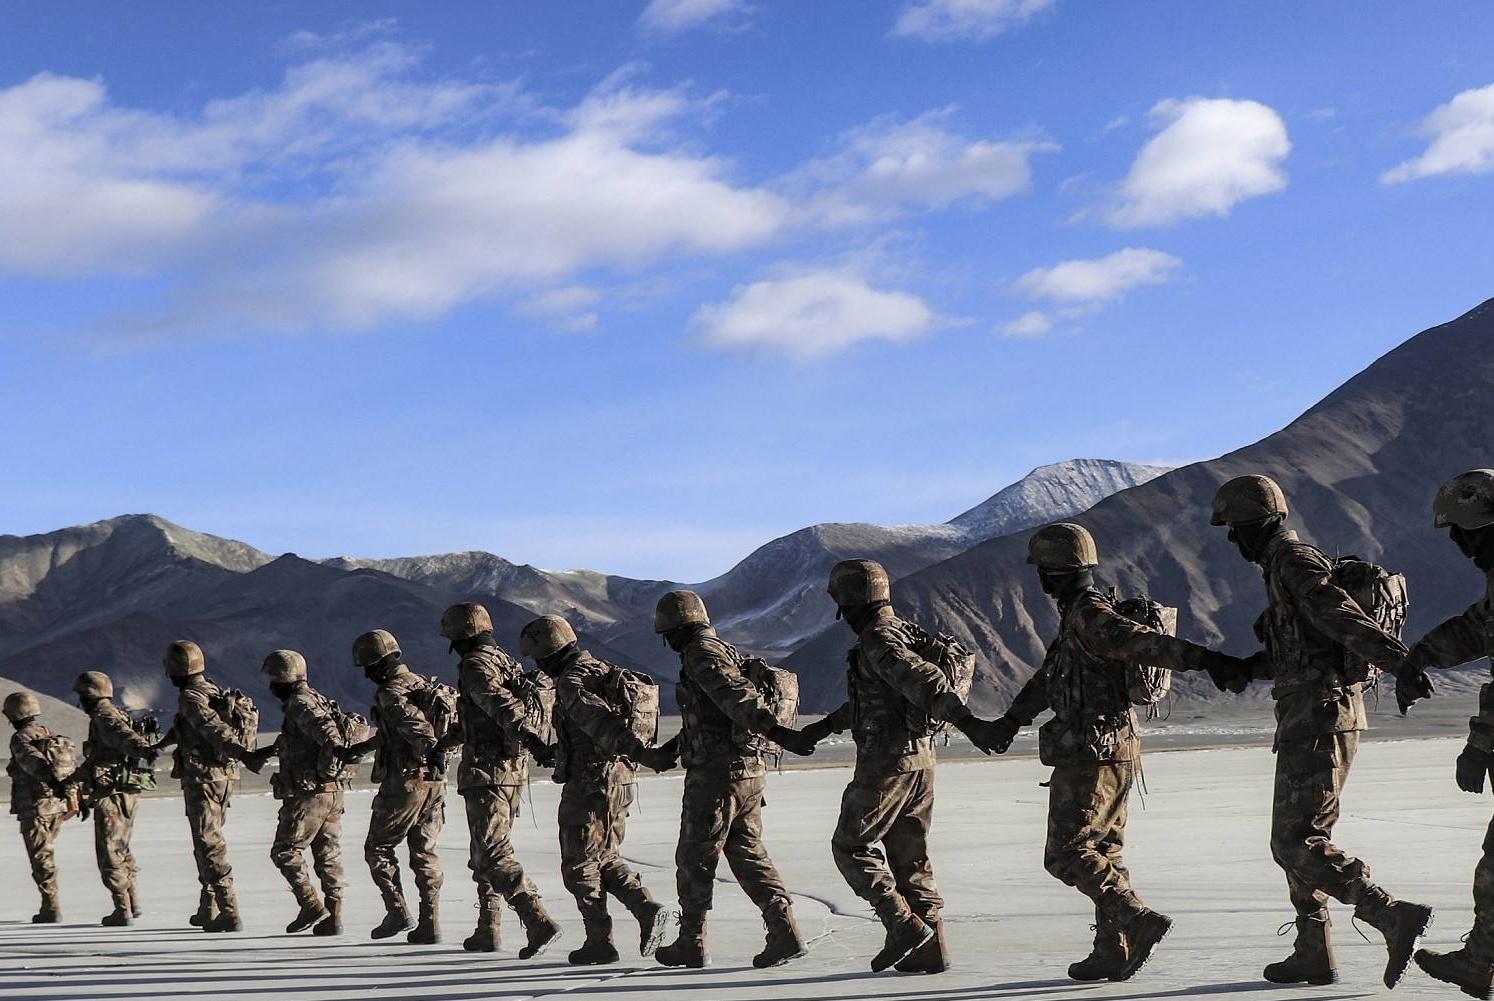 我国最危险的边防区!特种兵必须全副武装,7条军犬已经牺牲